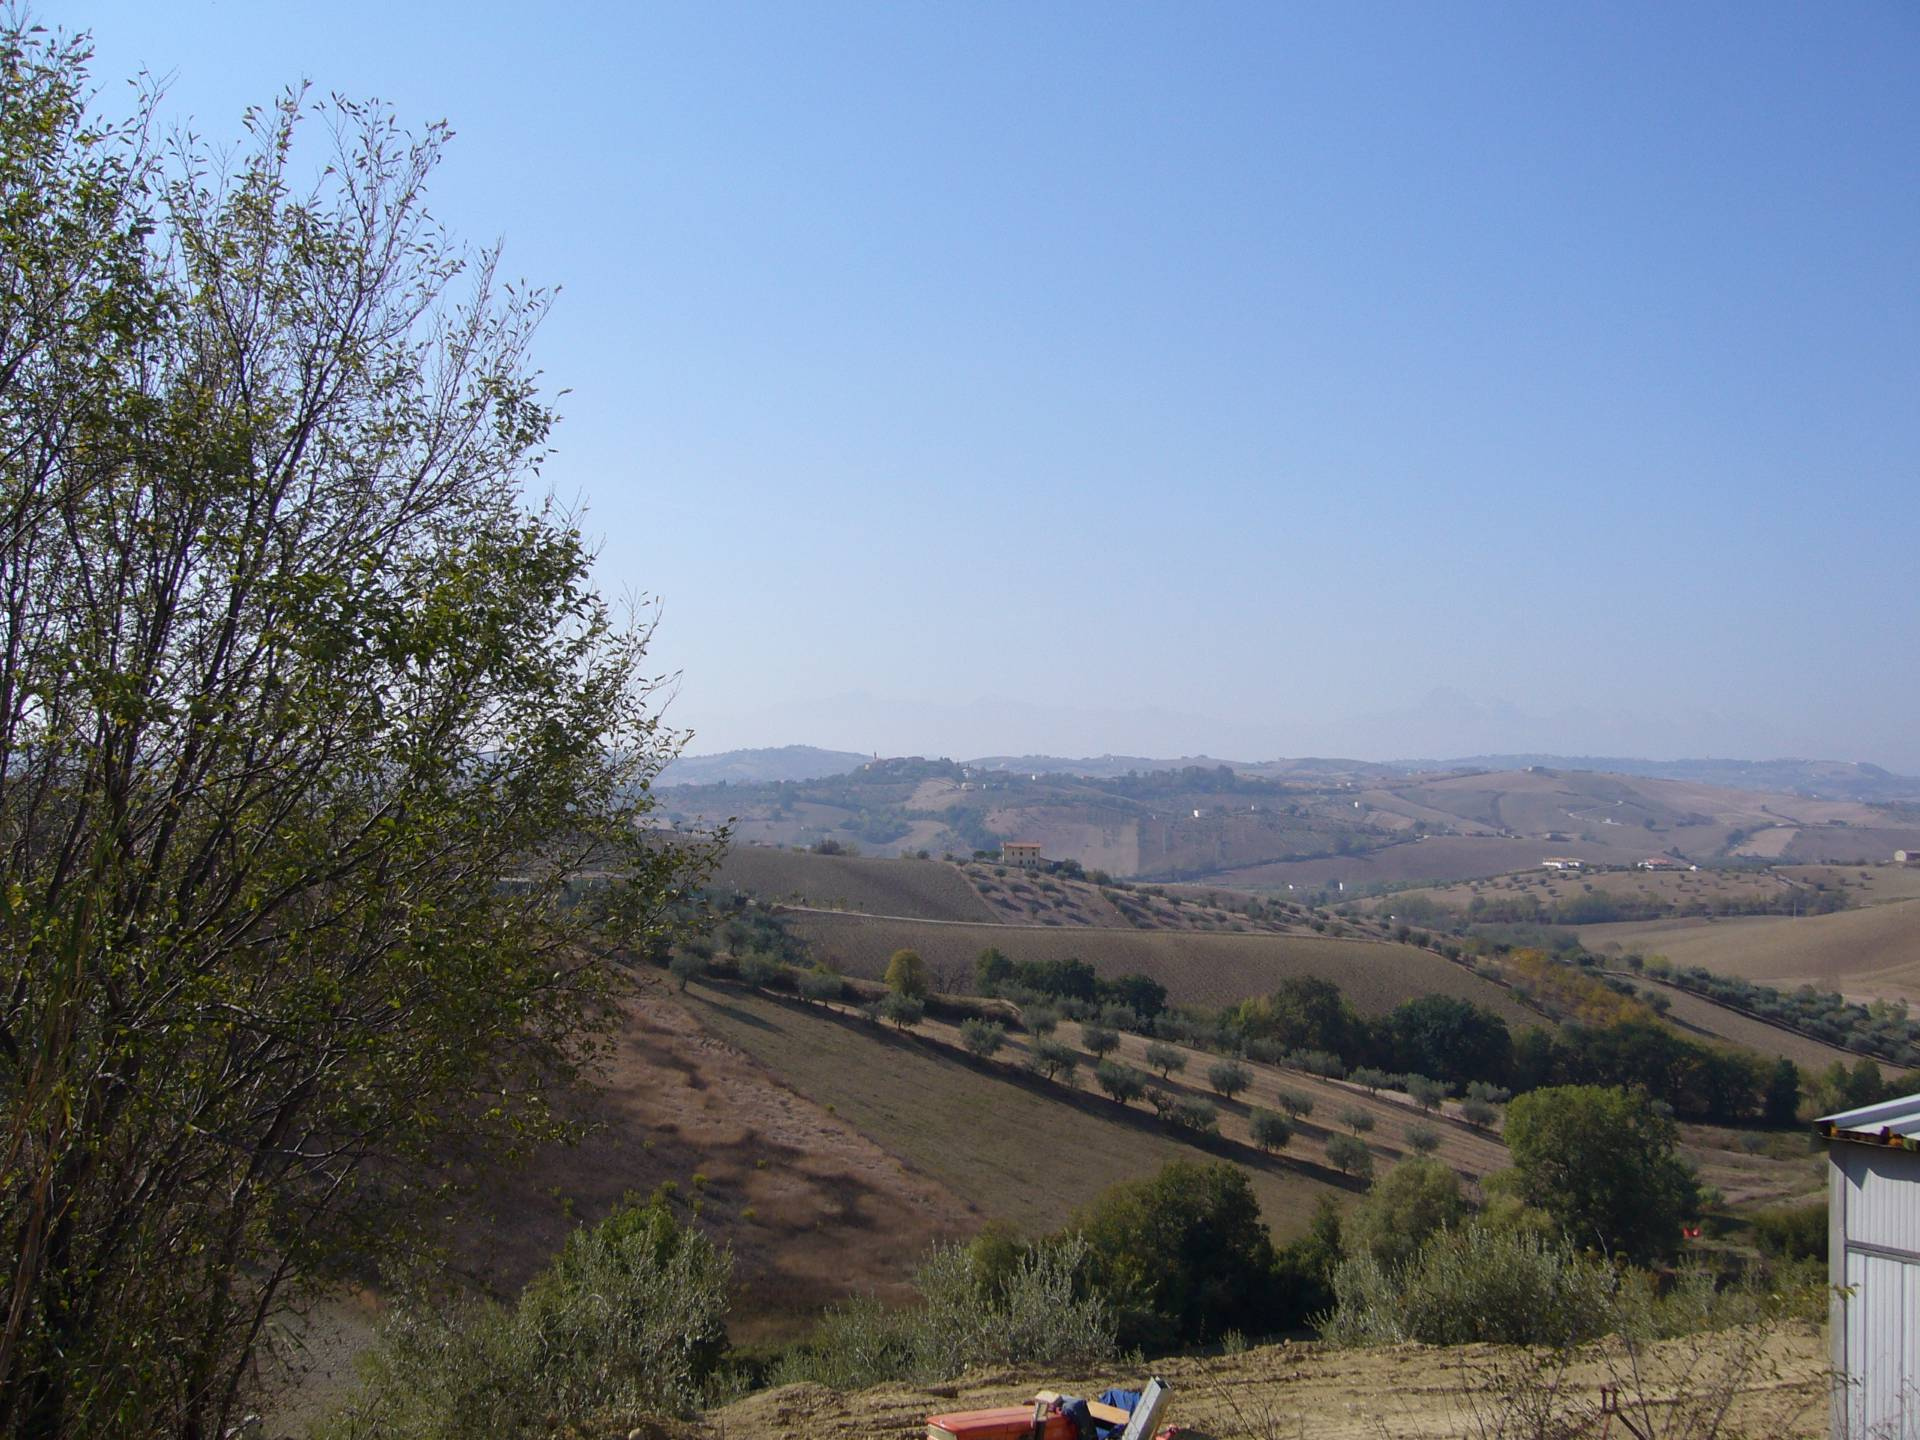 Terreno Edificabile Residenziale in vendita a Tortoreto, 9999 locali, zona Zona: Cavatassi, prezzo € 90.000 | Cambio Casa.it